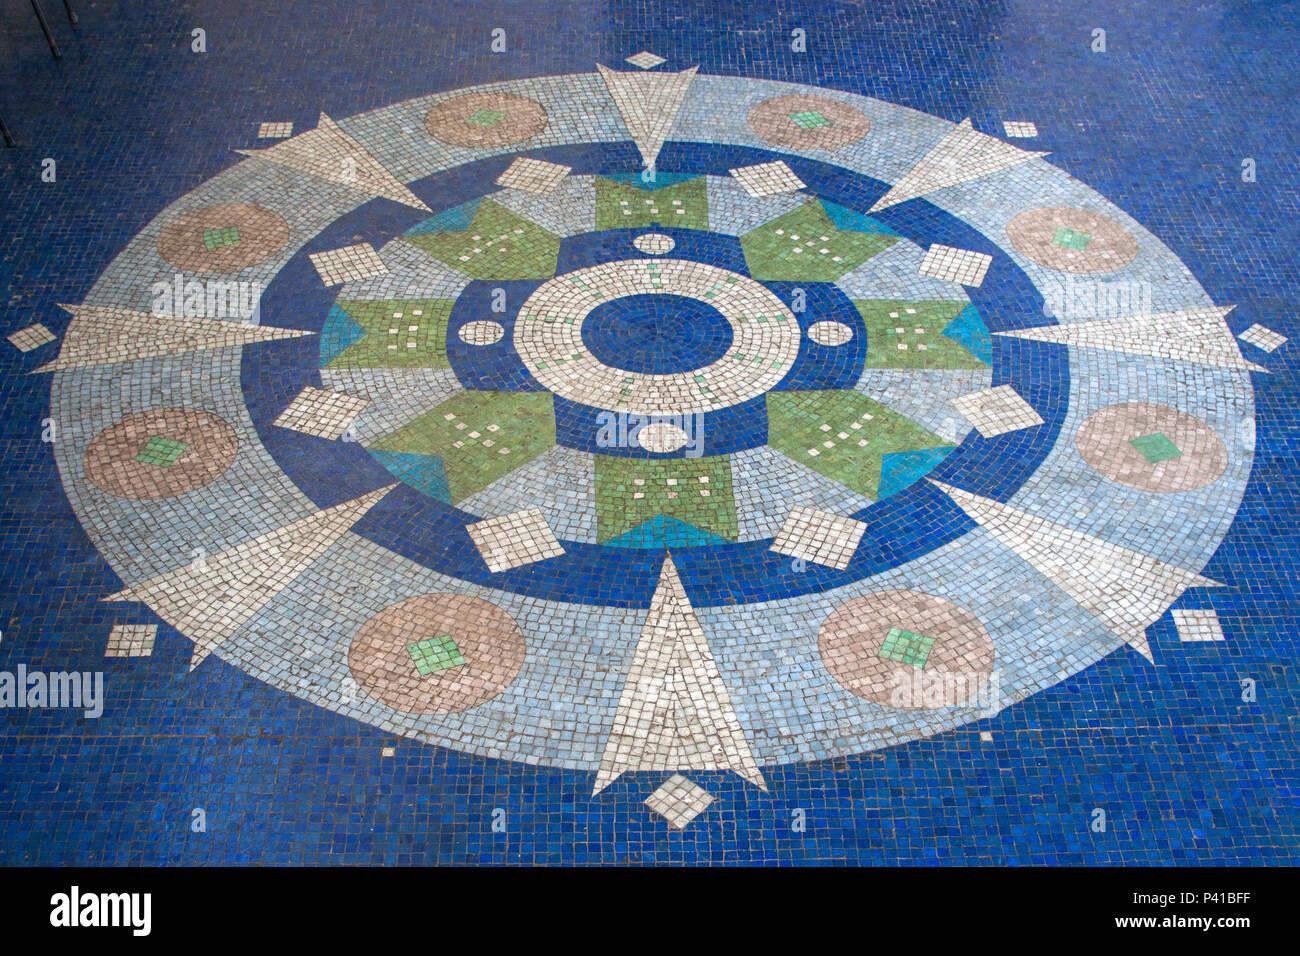 Mosaico de Livio Abramo; Mosaico no piso do Balneário de Águas de Lindoia; mosaicos com pedras portuguesas; mosaico de pastilha vítrea; Águas de Lindoia; Livio Abramo, data 2008-11-21 Stock Photo